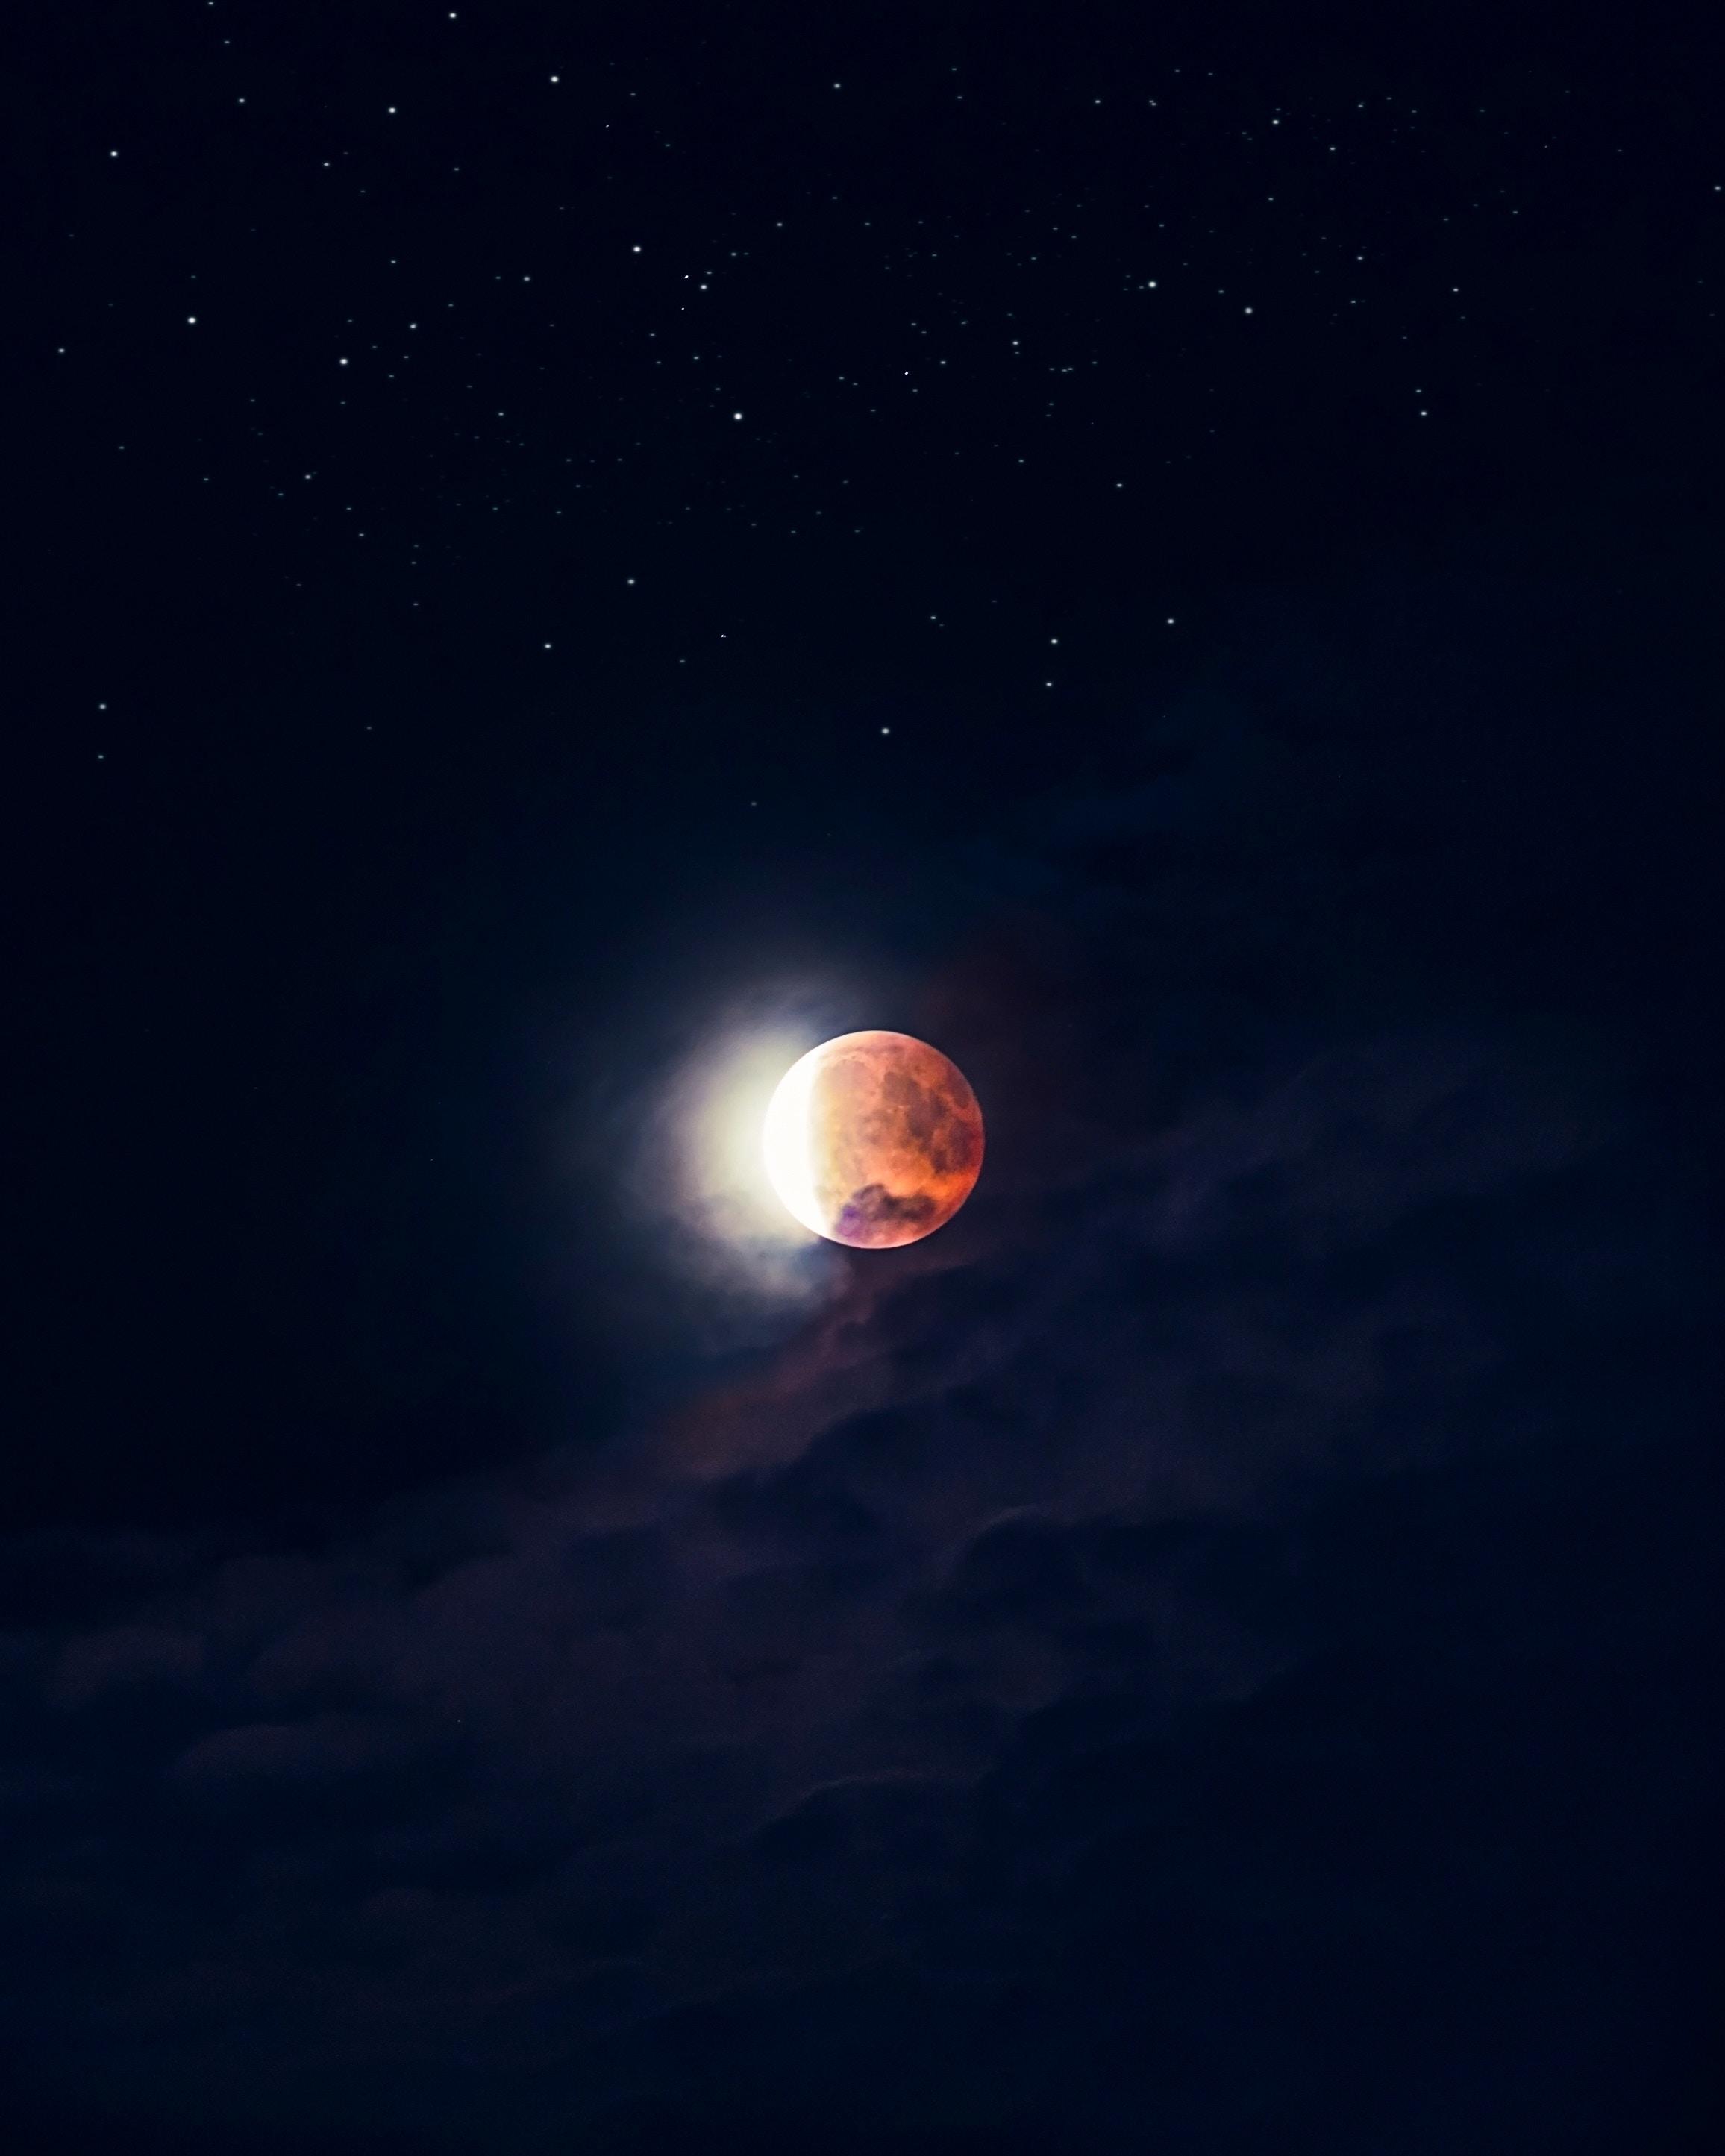 63876 Hintergrundbild 480x800 kostenlos auf deinem Handy, lade Bilder Sky, Universum, Sterne, Übernachtung, Mond, Dunkel, Vollmond, Roter Mond, Red Moon 480x800 auf dein Handy herunter